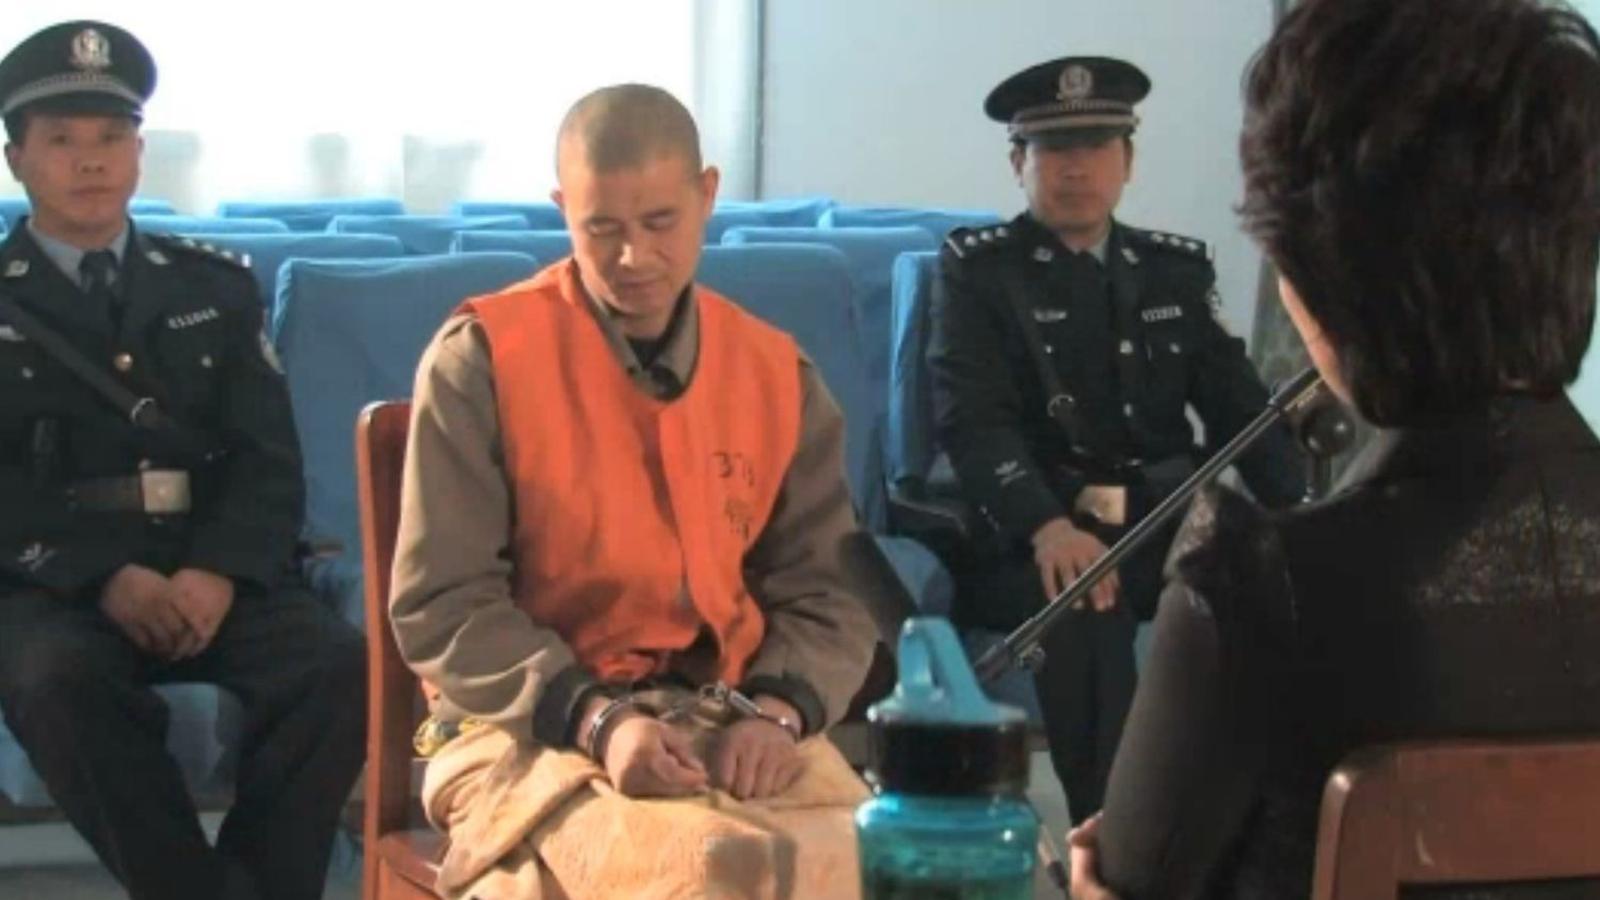 Les altres 'Xines', els països que mantenen la pena de mort